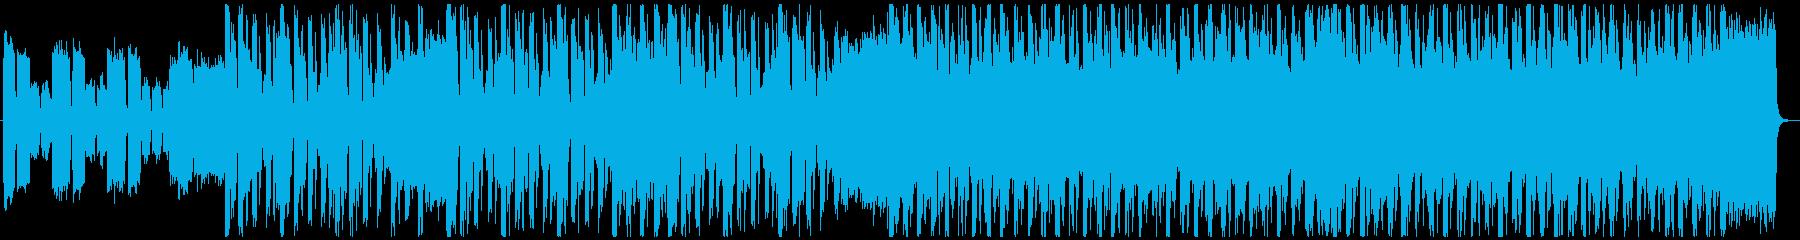 バトル、緊迫シーン向けロック調ジングル2の再生済みの波形